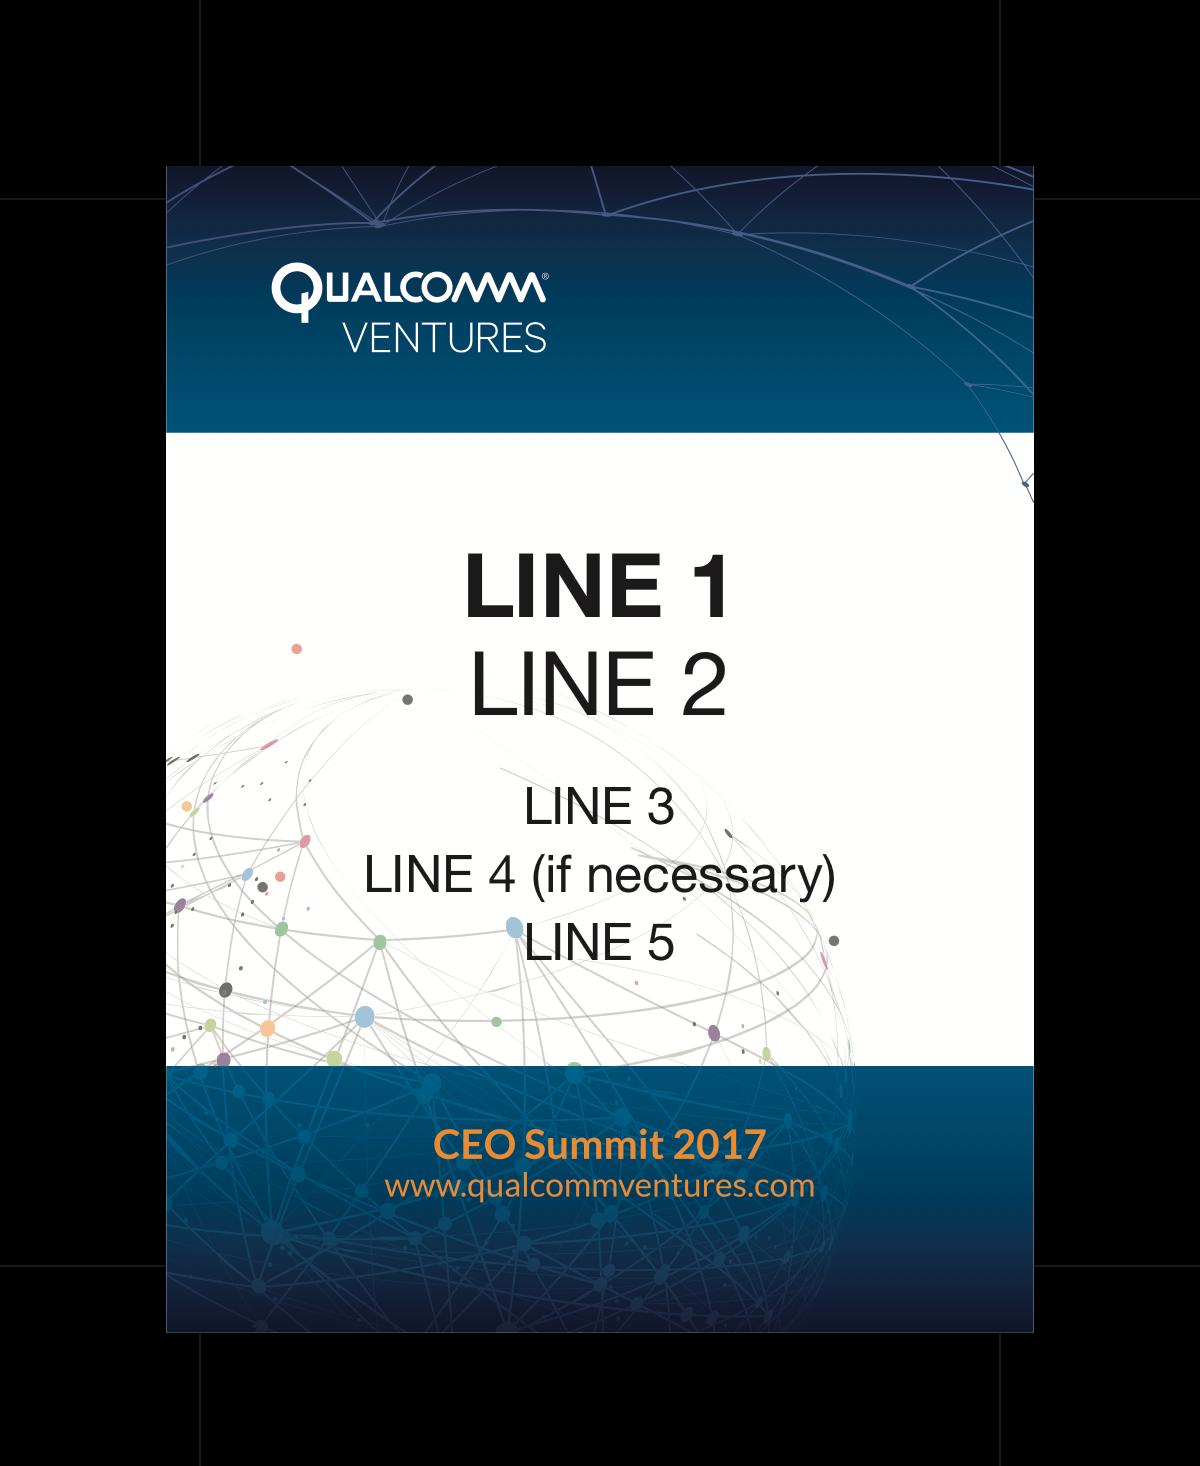 Badge Design for Qualcomm Ventures CEO Summit